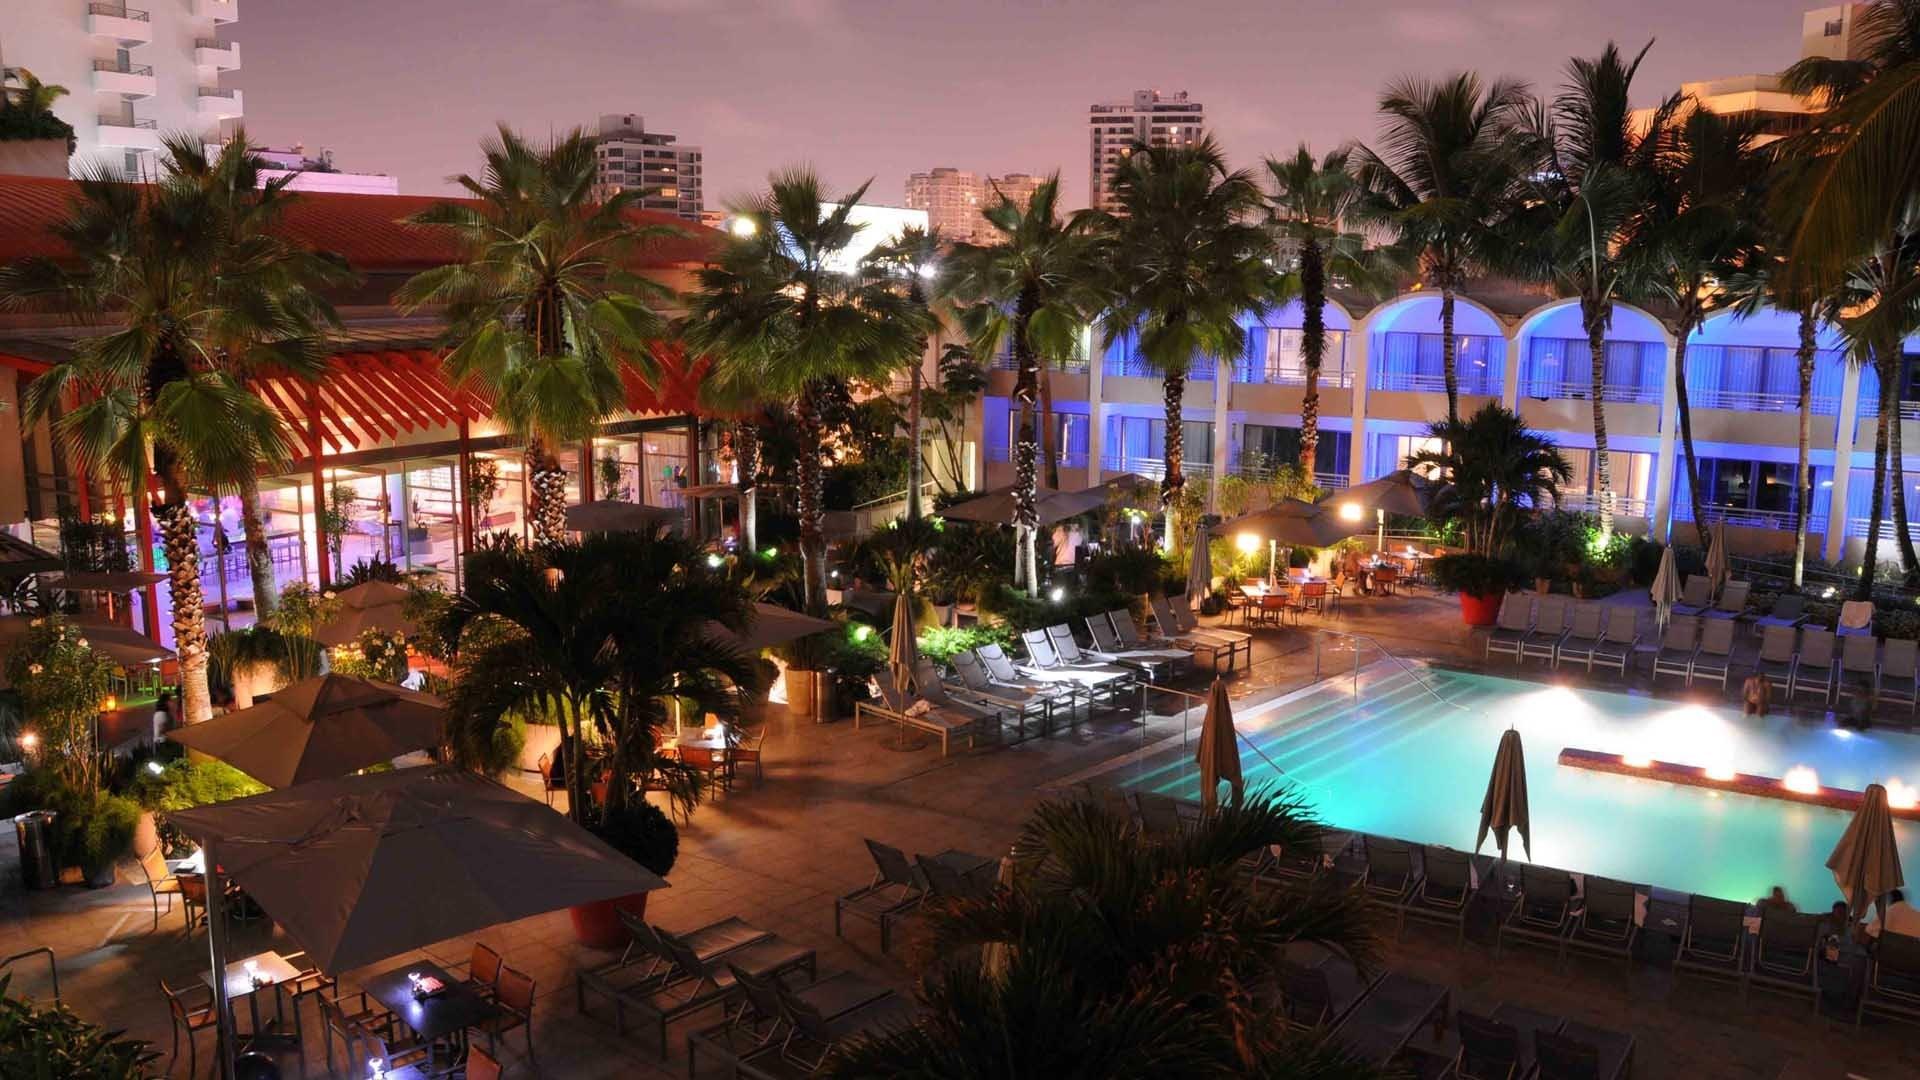 Hotel La Concha Puerto Rico Wallpaper